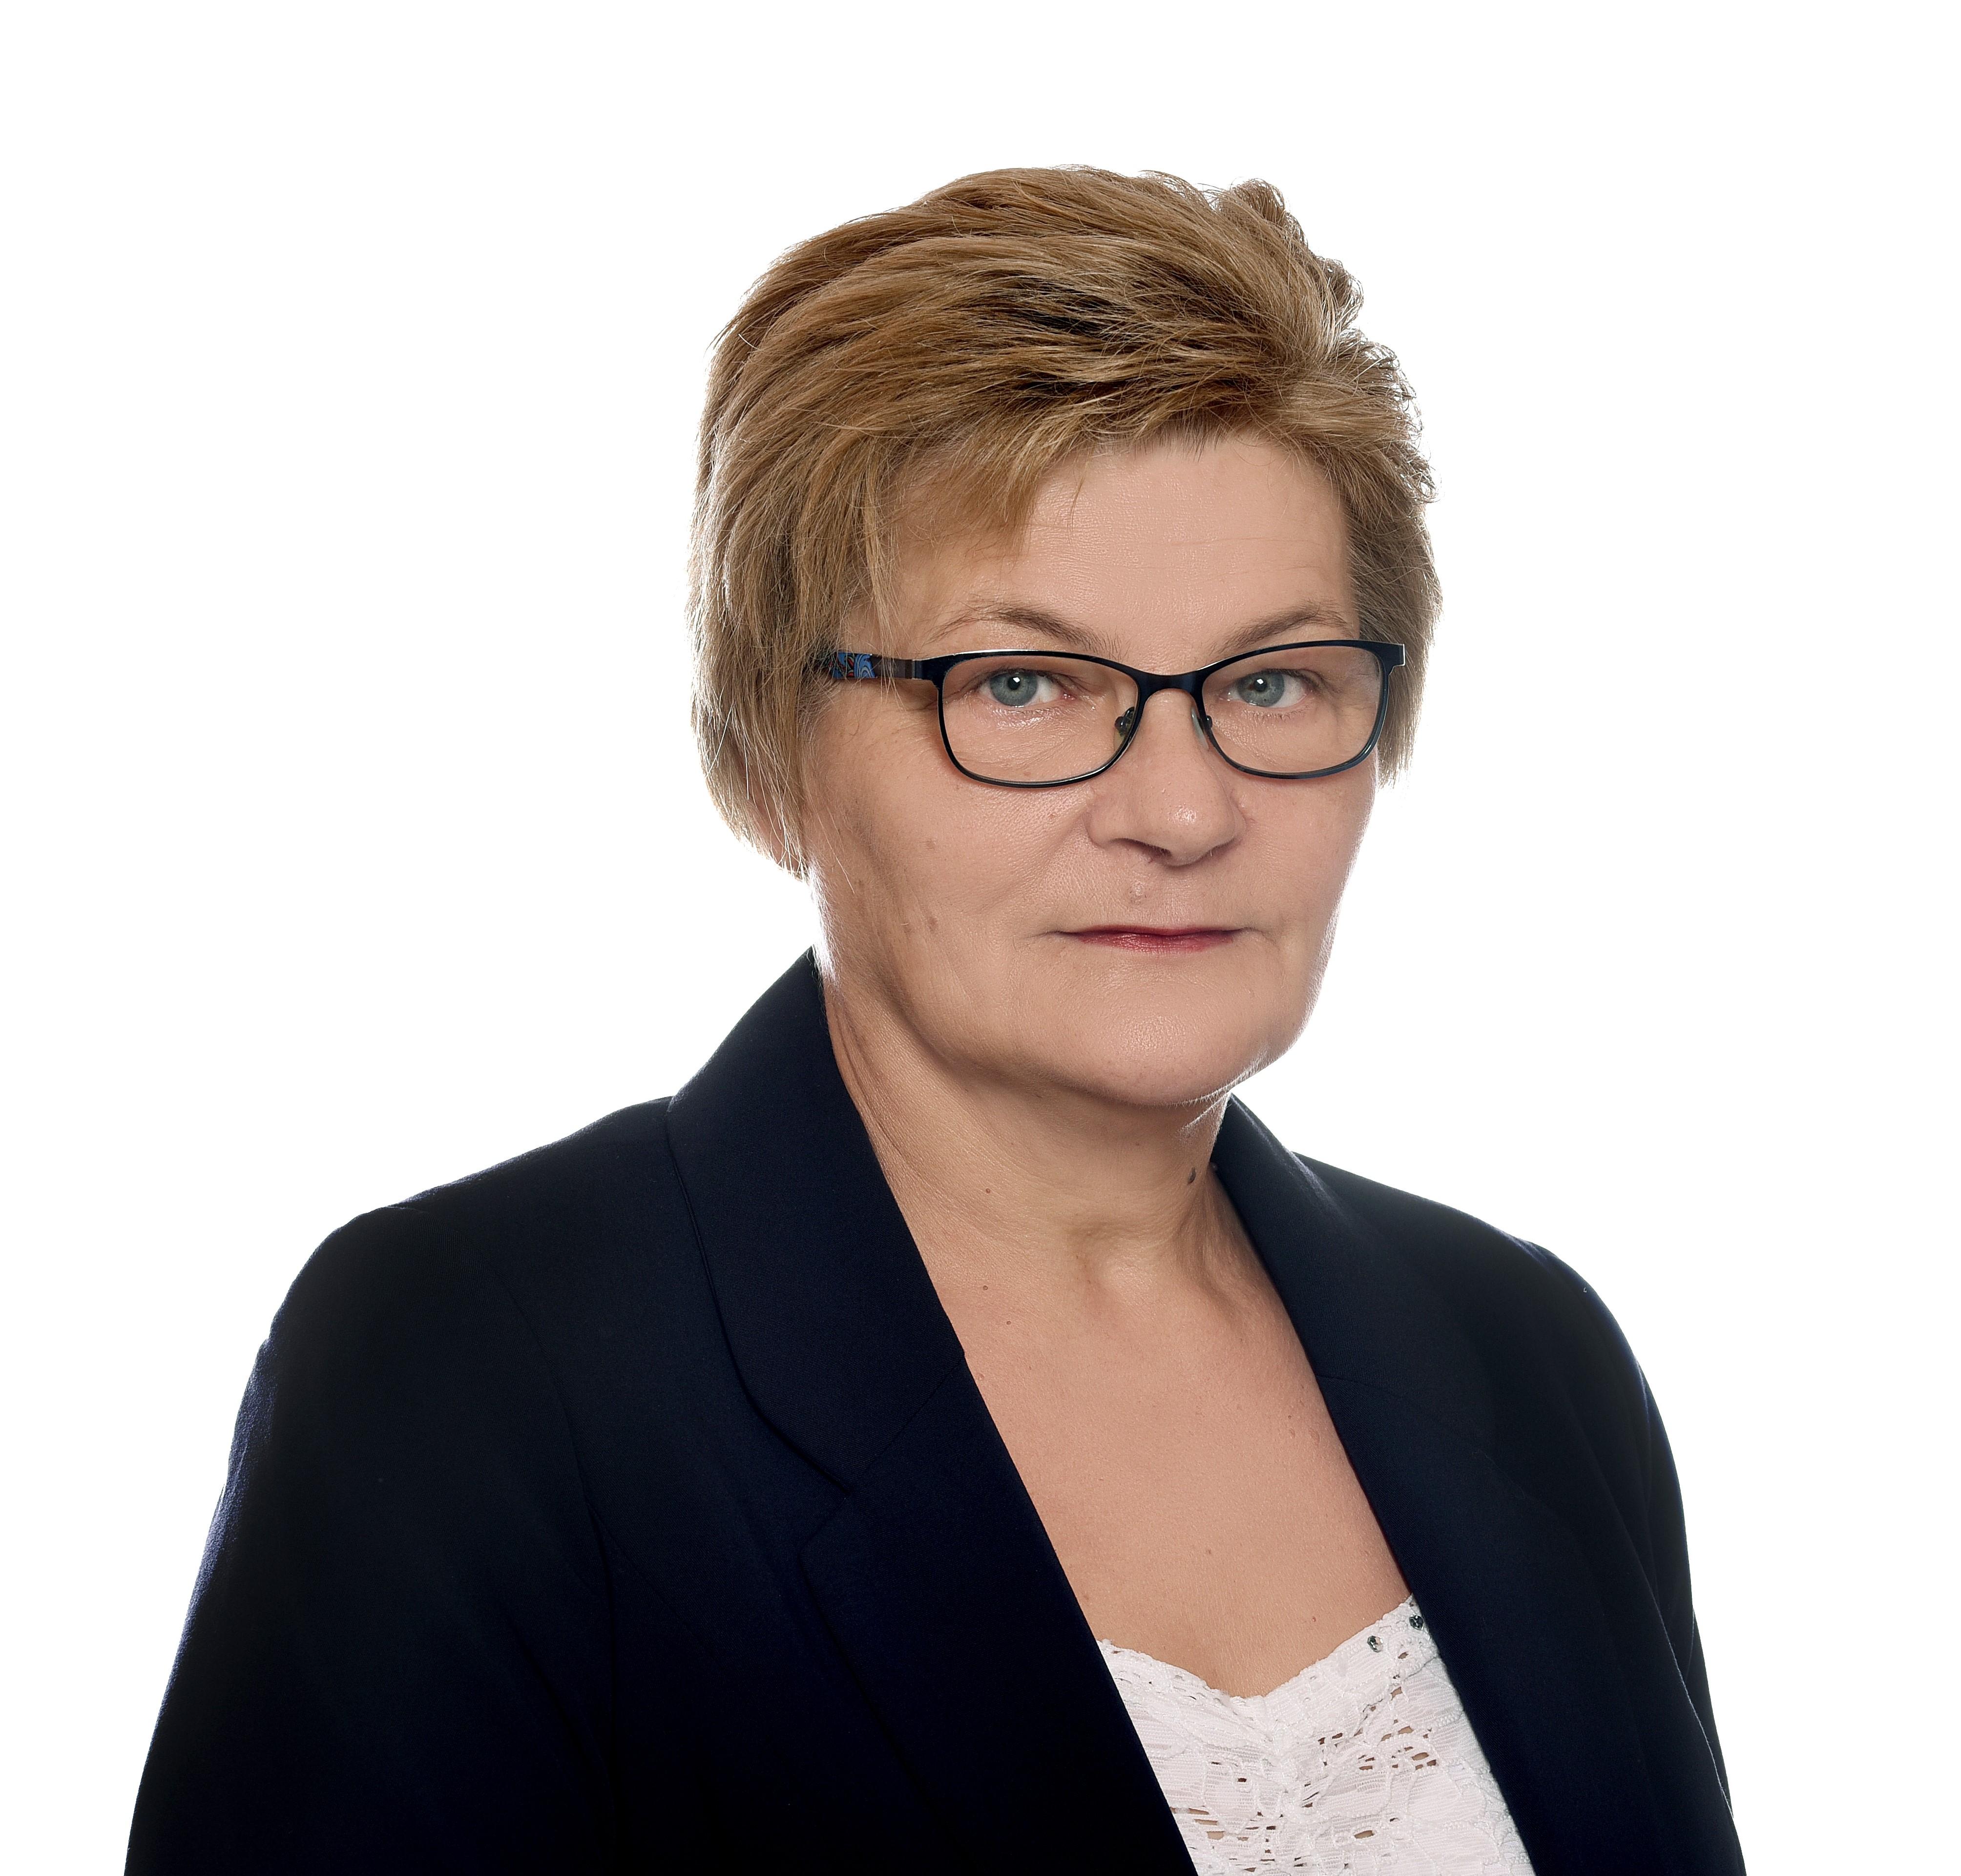 Urszula Sobik